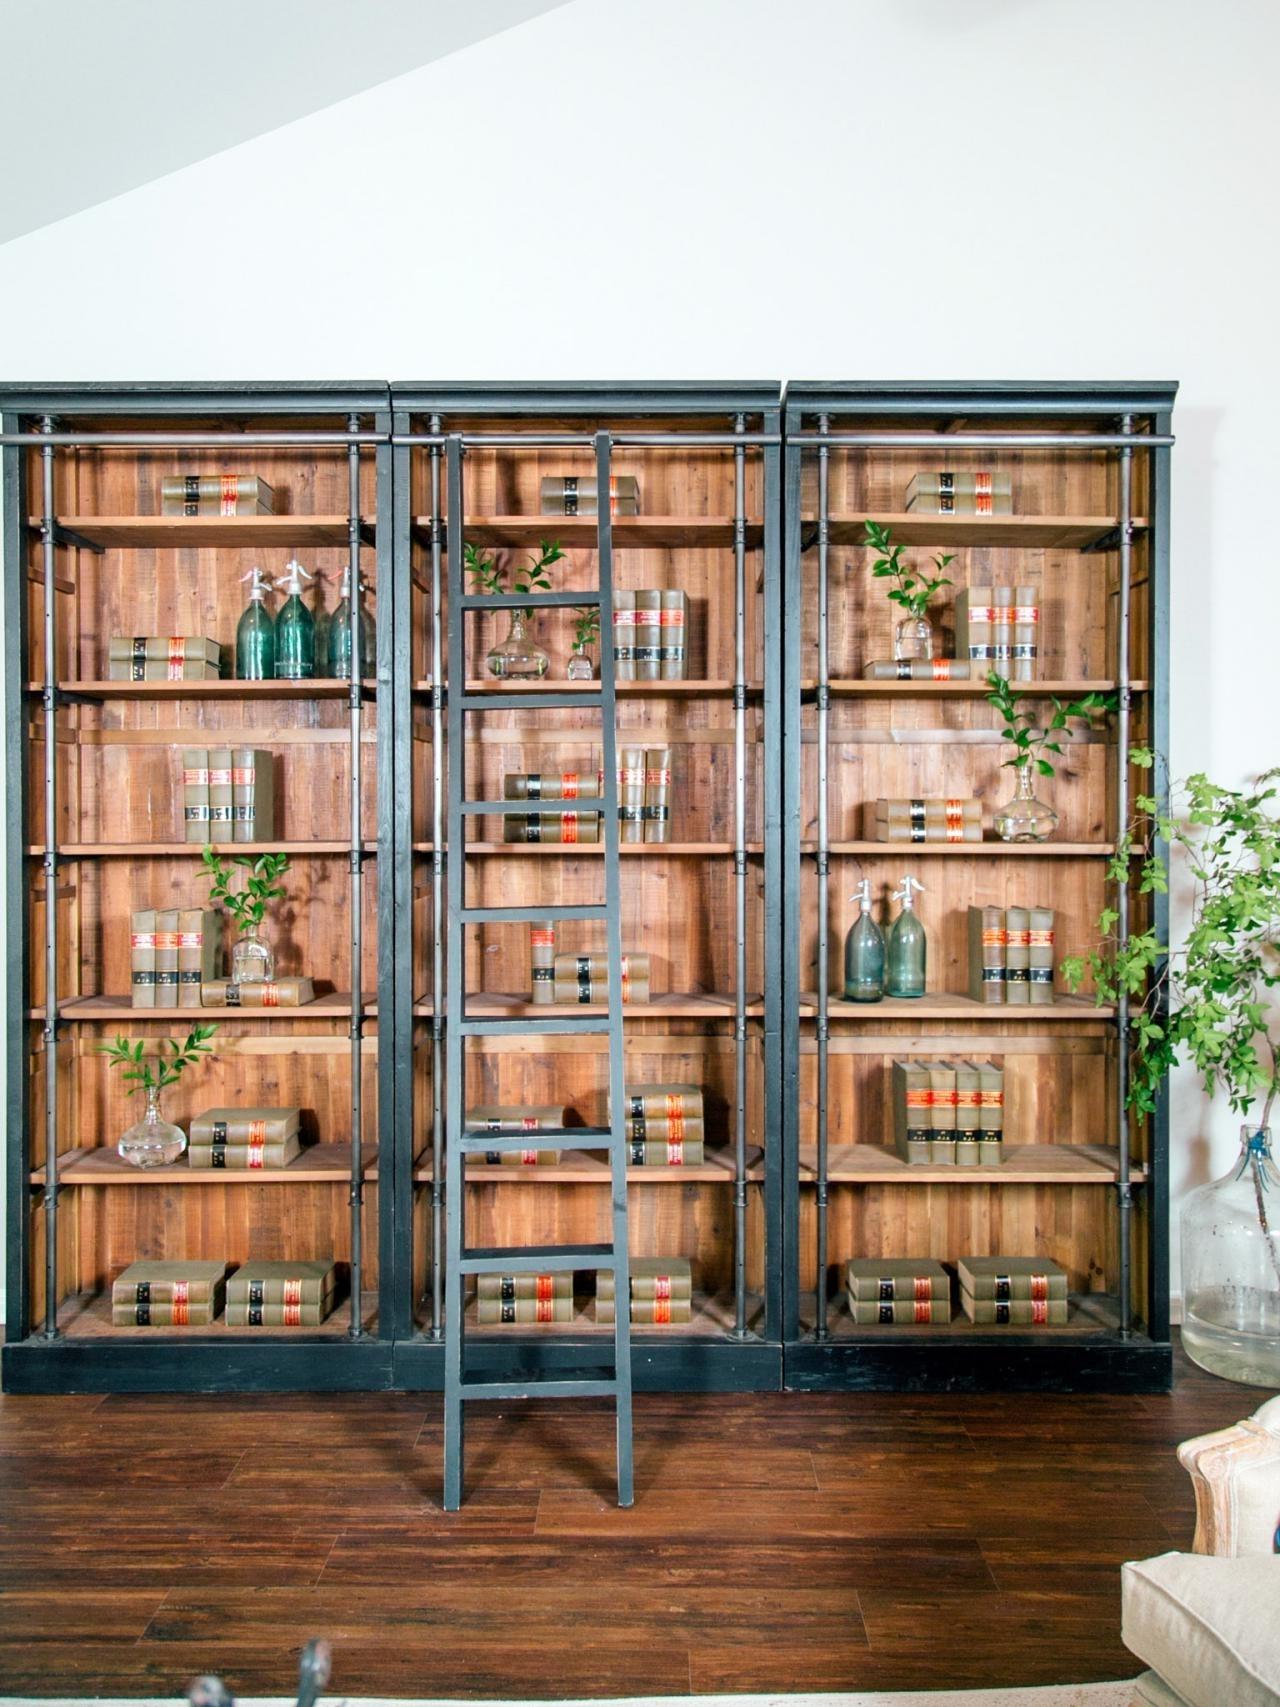 Popular New Floor To Ceiling Bookshelves Plans – Tikspor For Freestanding Bookshelves (View 11 of 15)